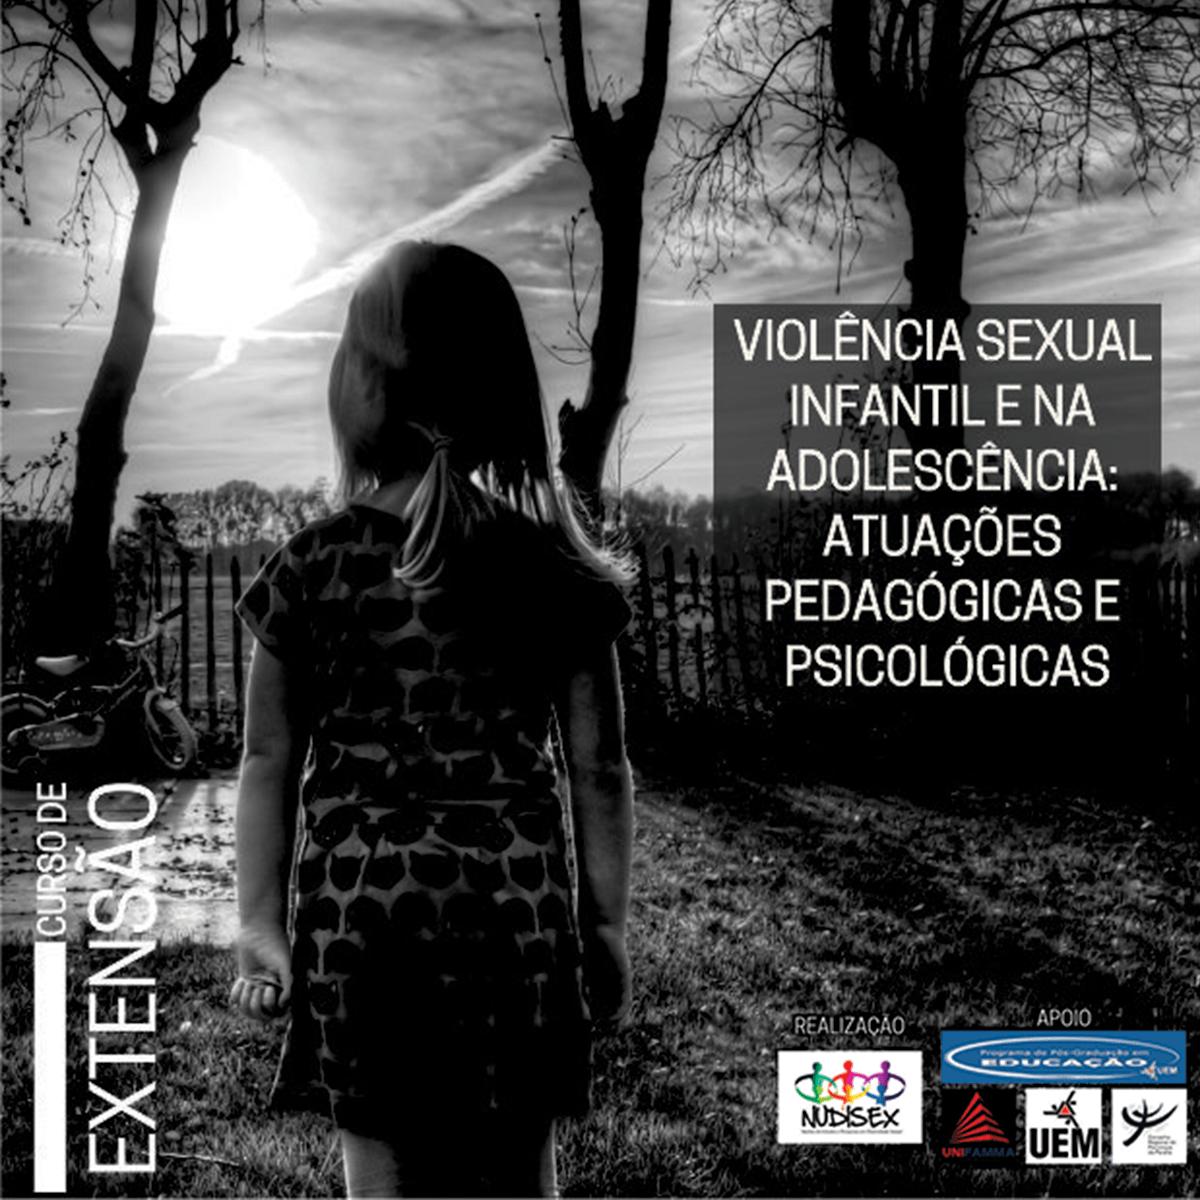 Violência Sexual Infantil e na Adolescência: atuações pedagógicas e psicológicas